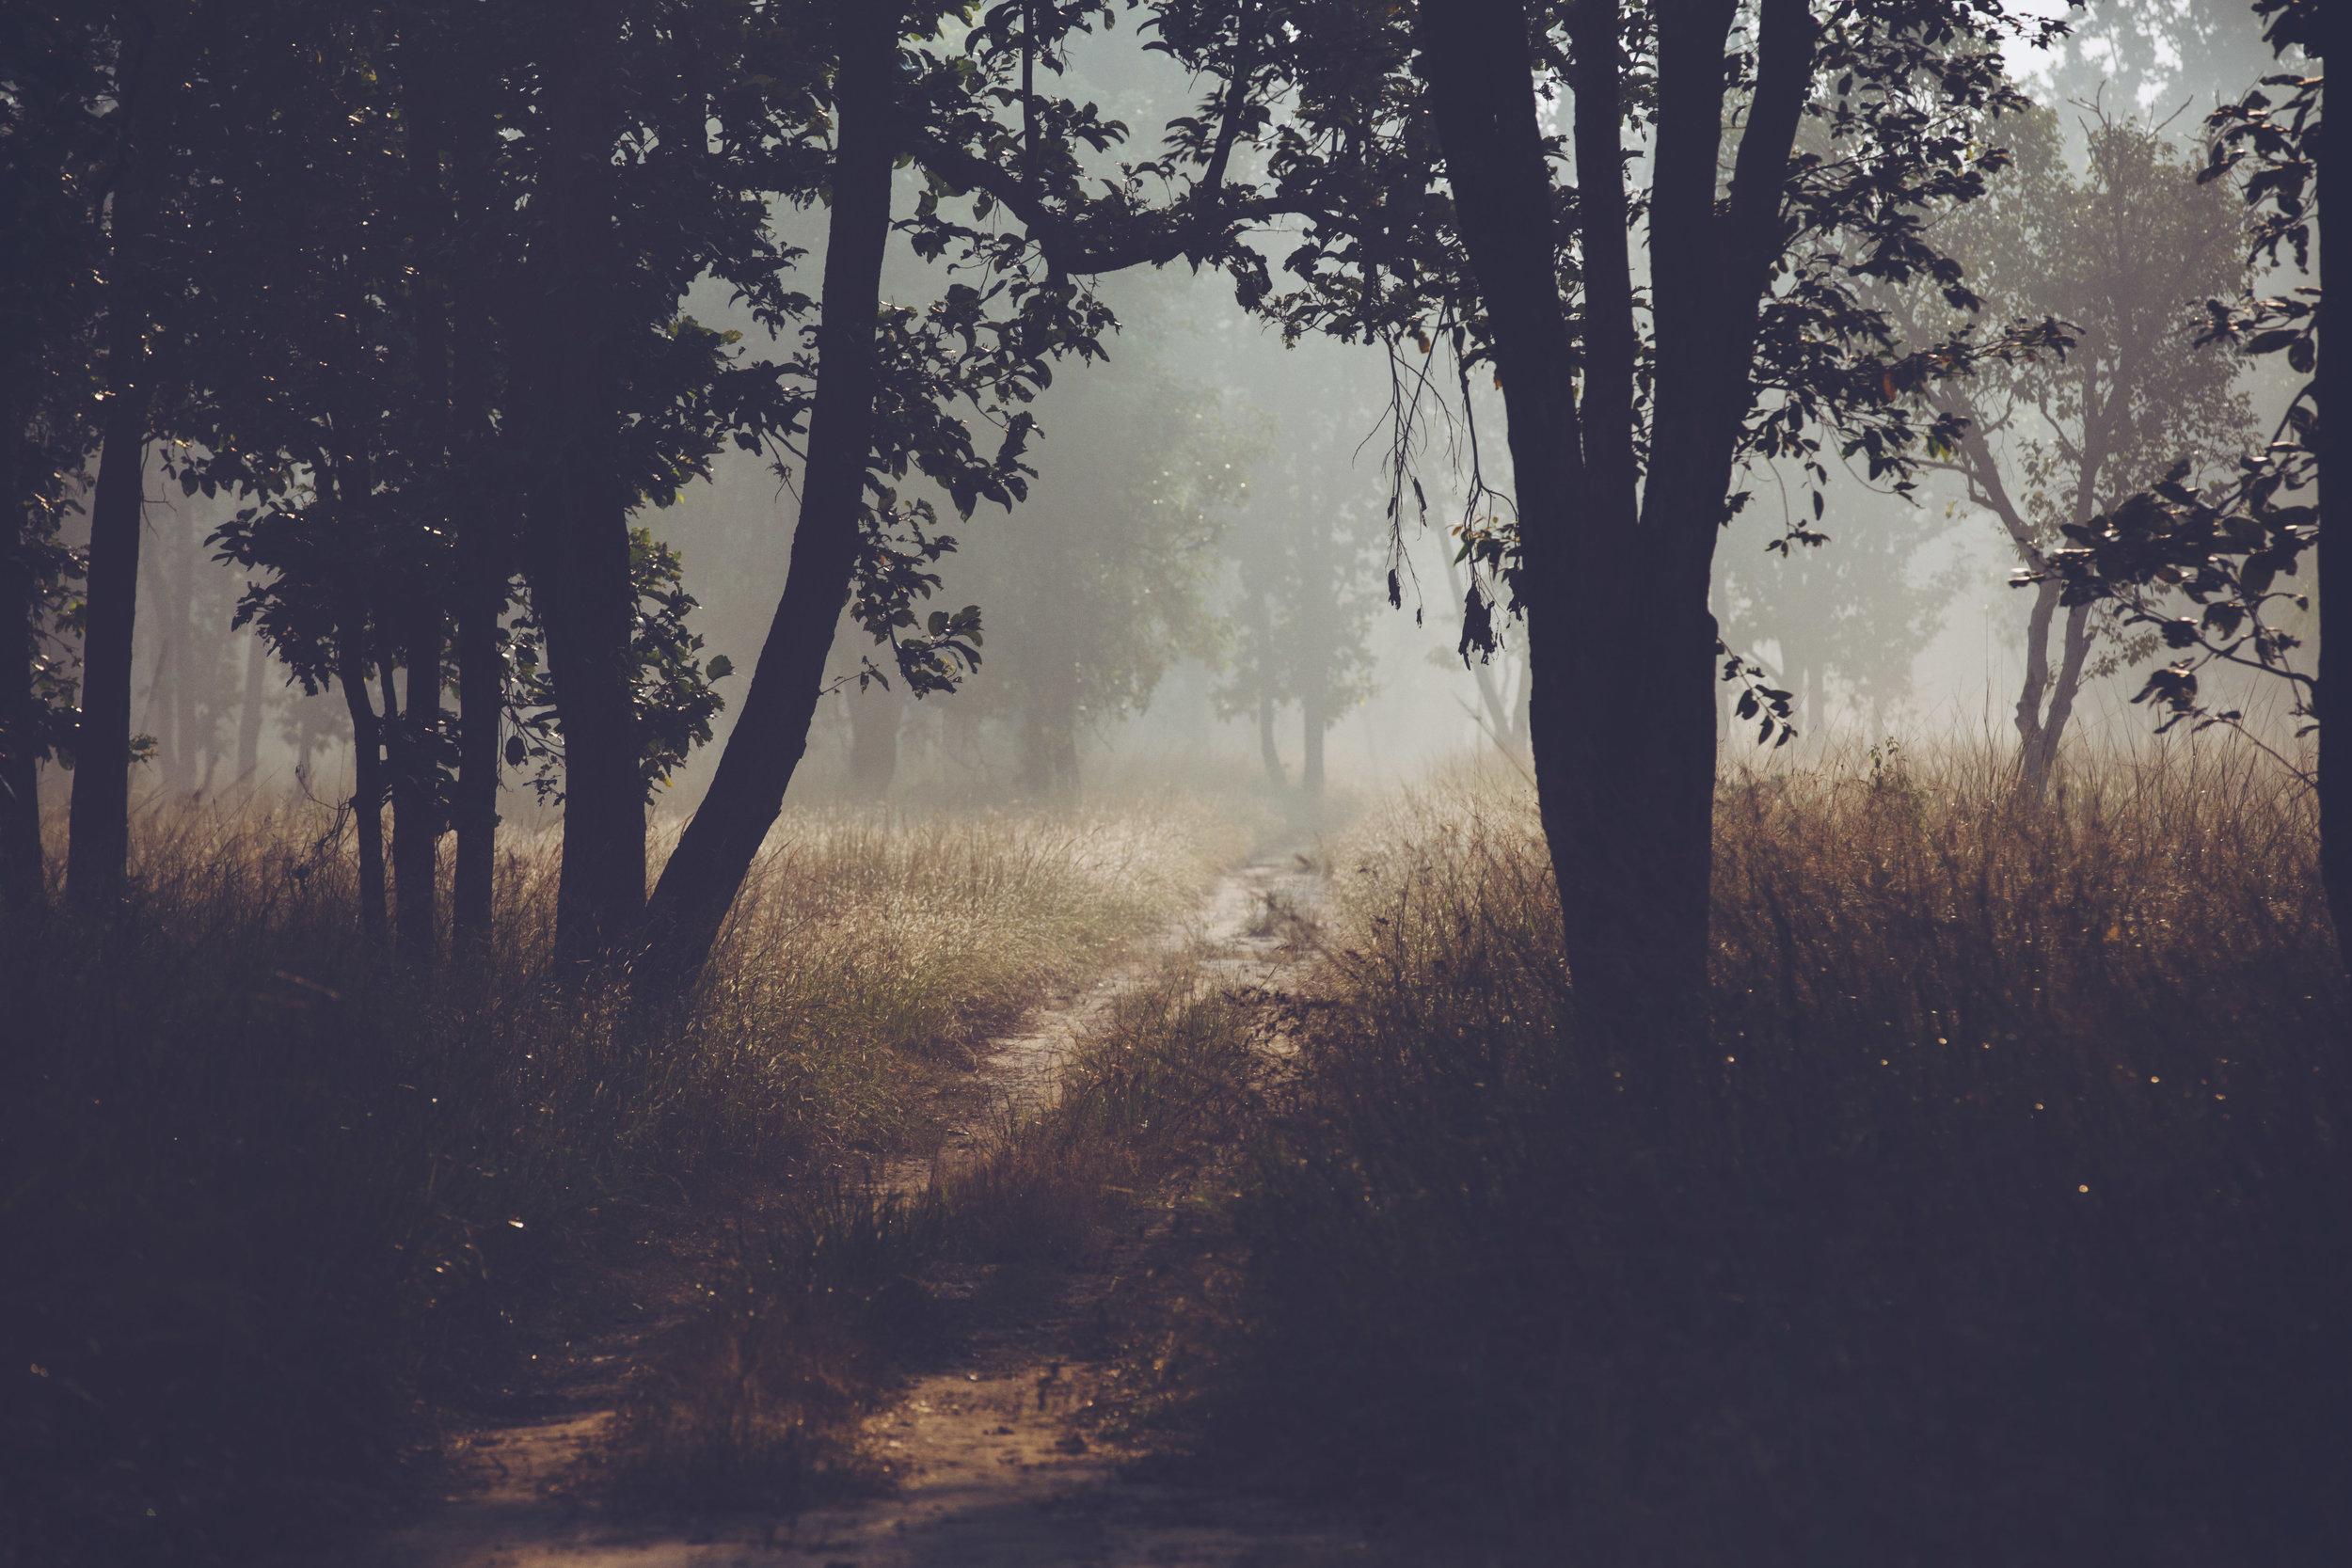 C_Lamb-0940.jpg